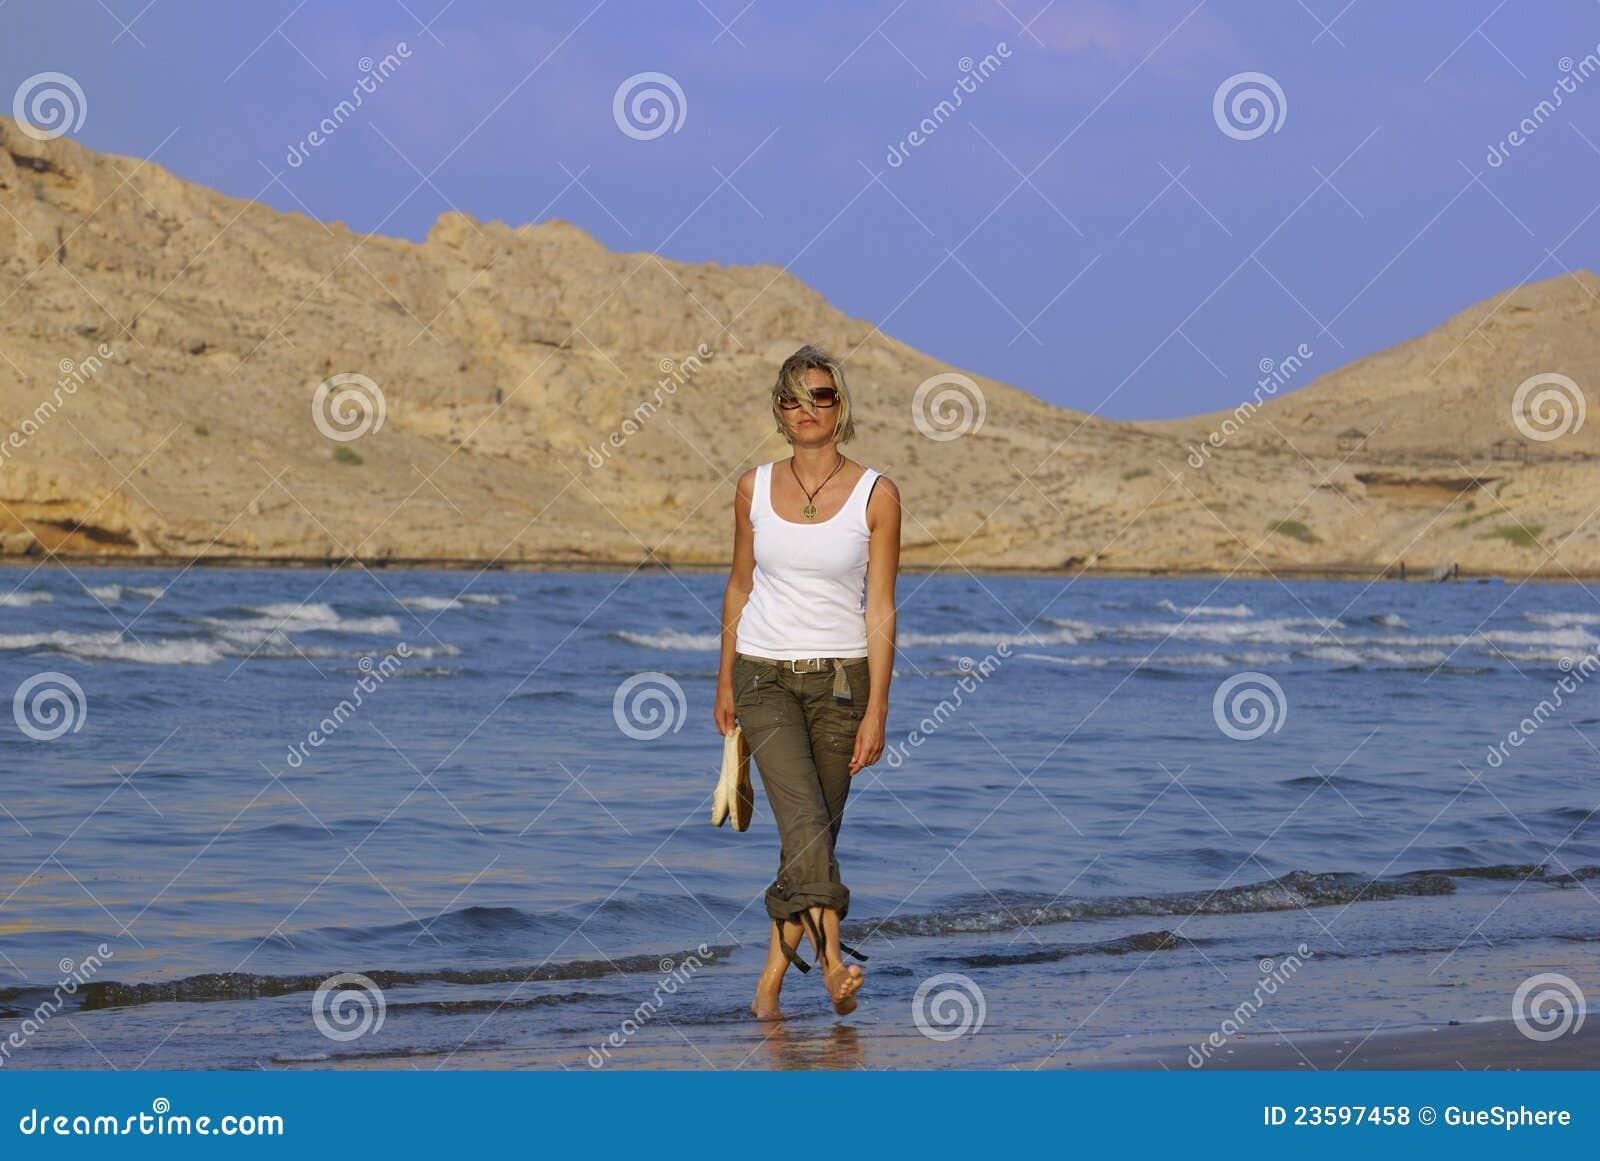 Jeune femme marchant à la plage